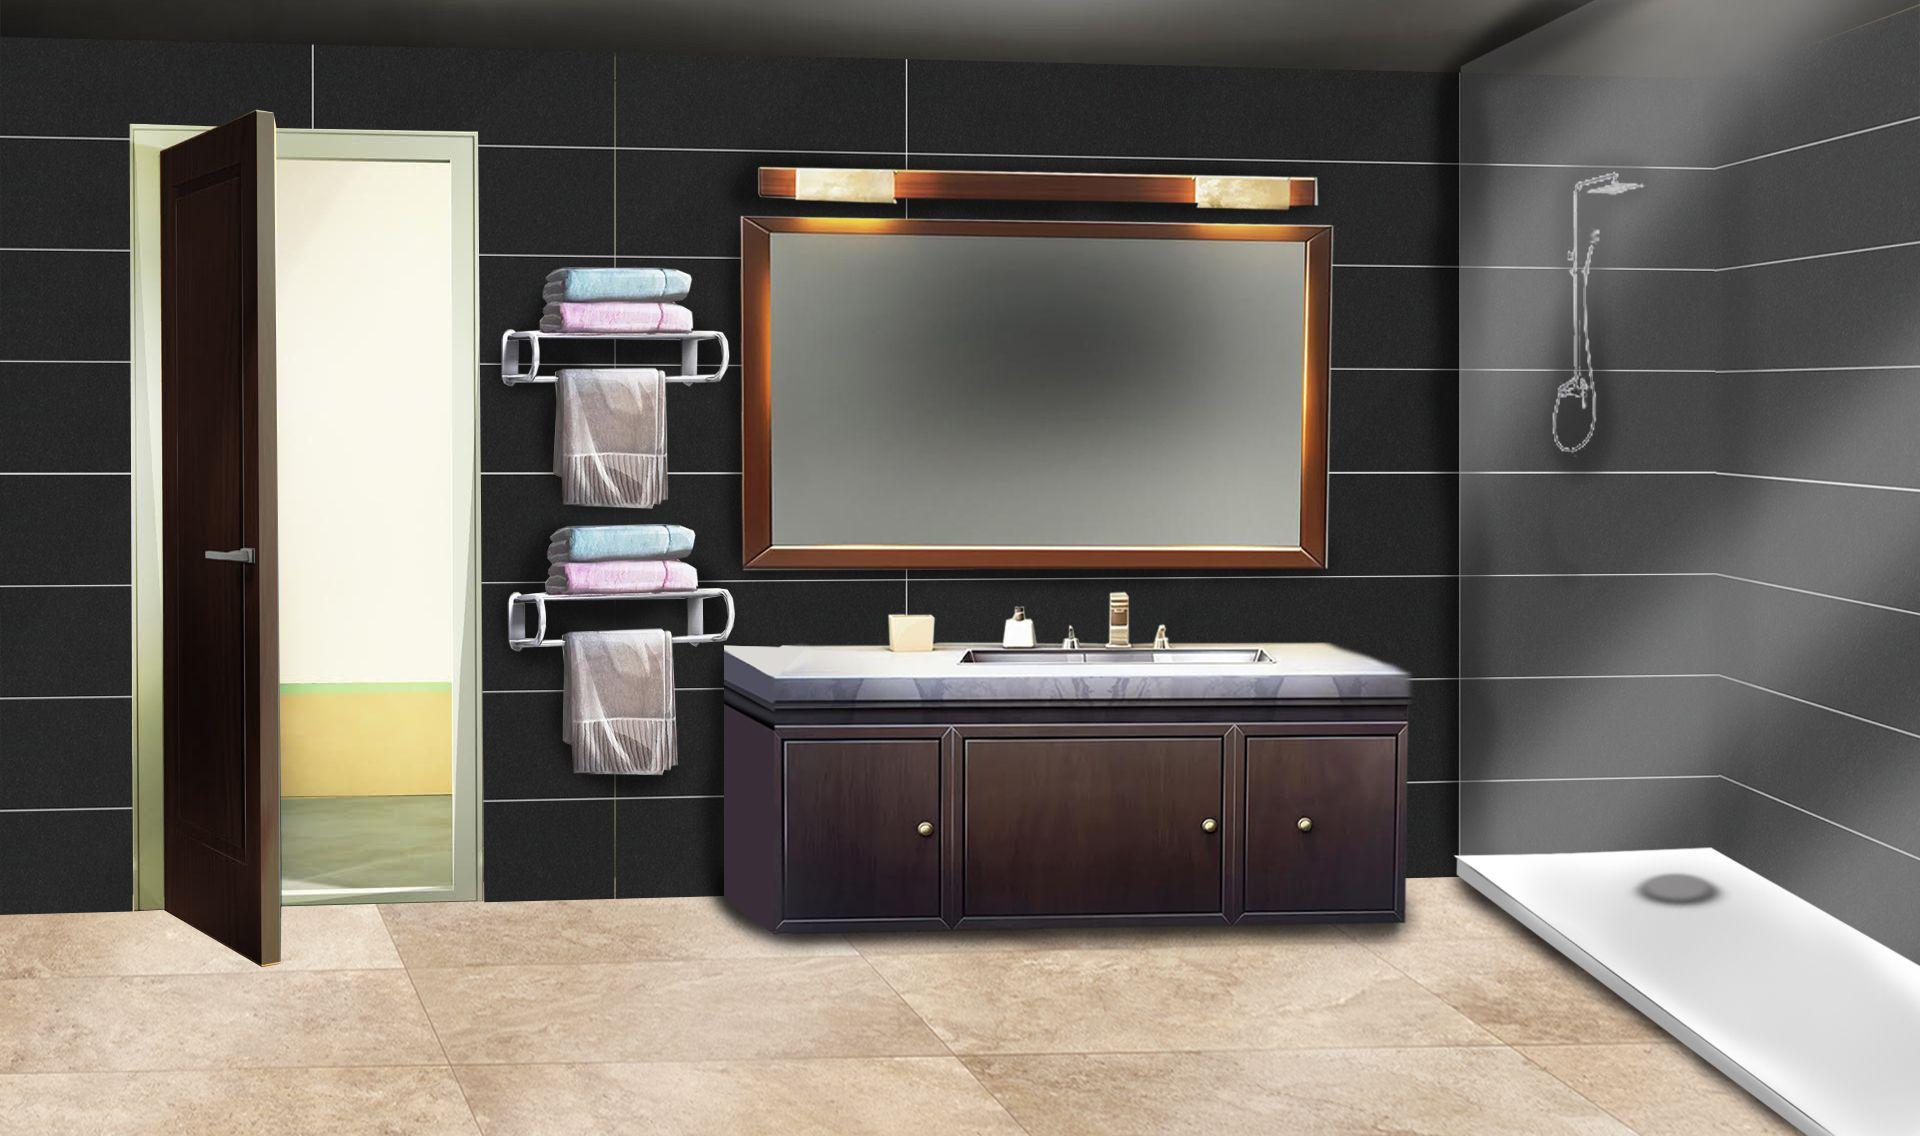 Heimkino schlafzimmer design-ideen bathroom  meine episode  pinterest  anime bilder anime und